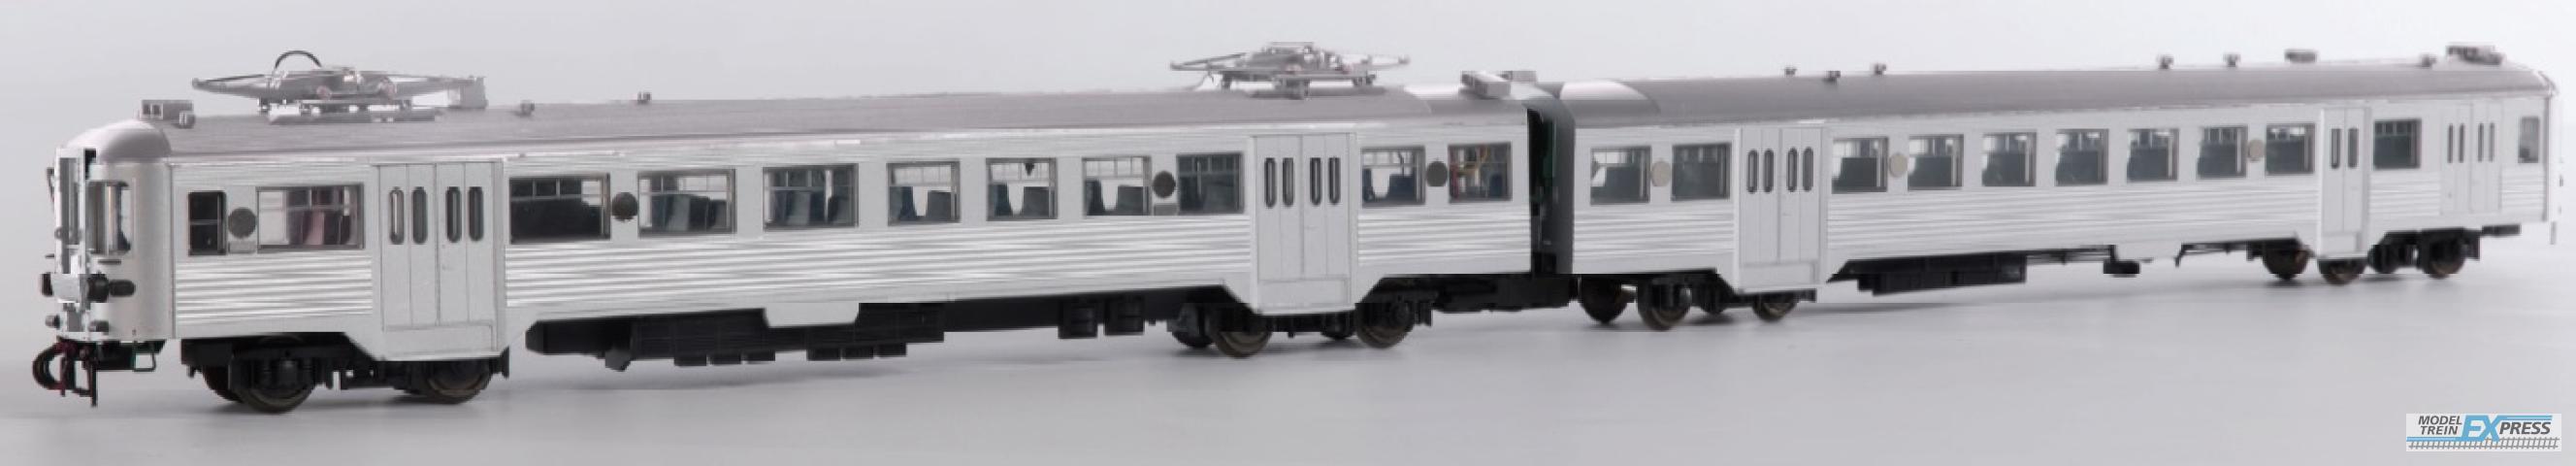 B-Models 7101.04